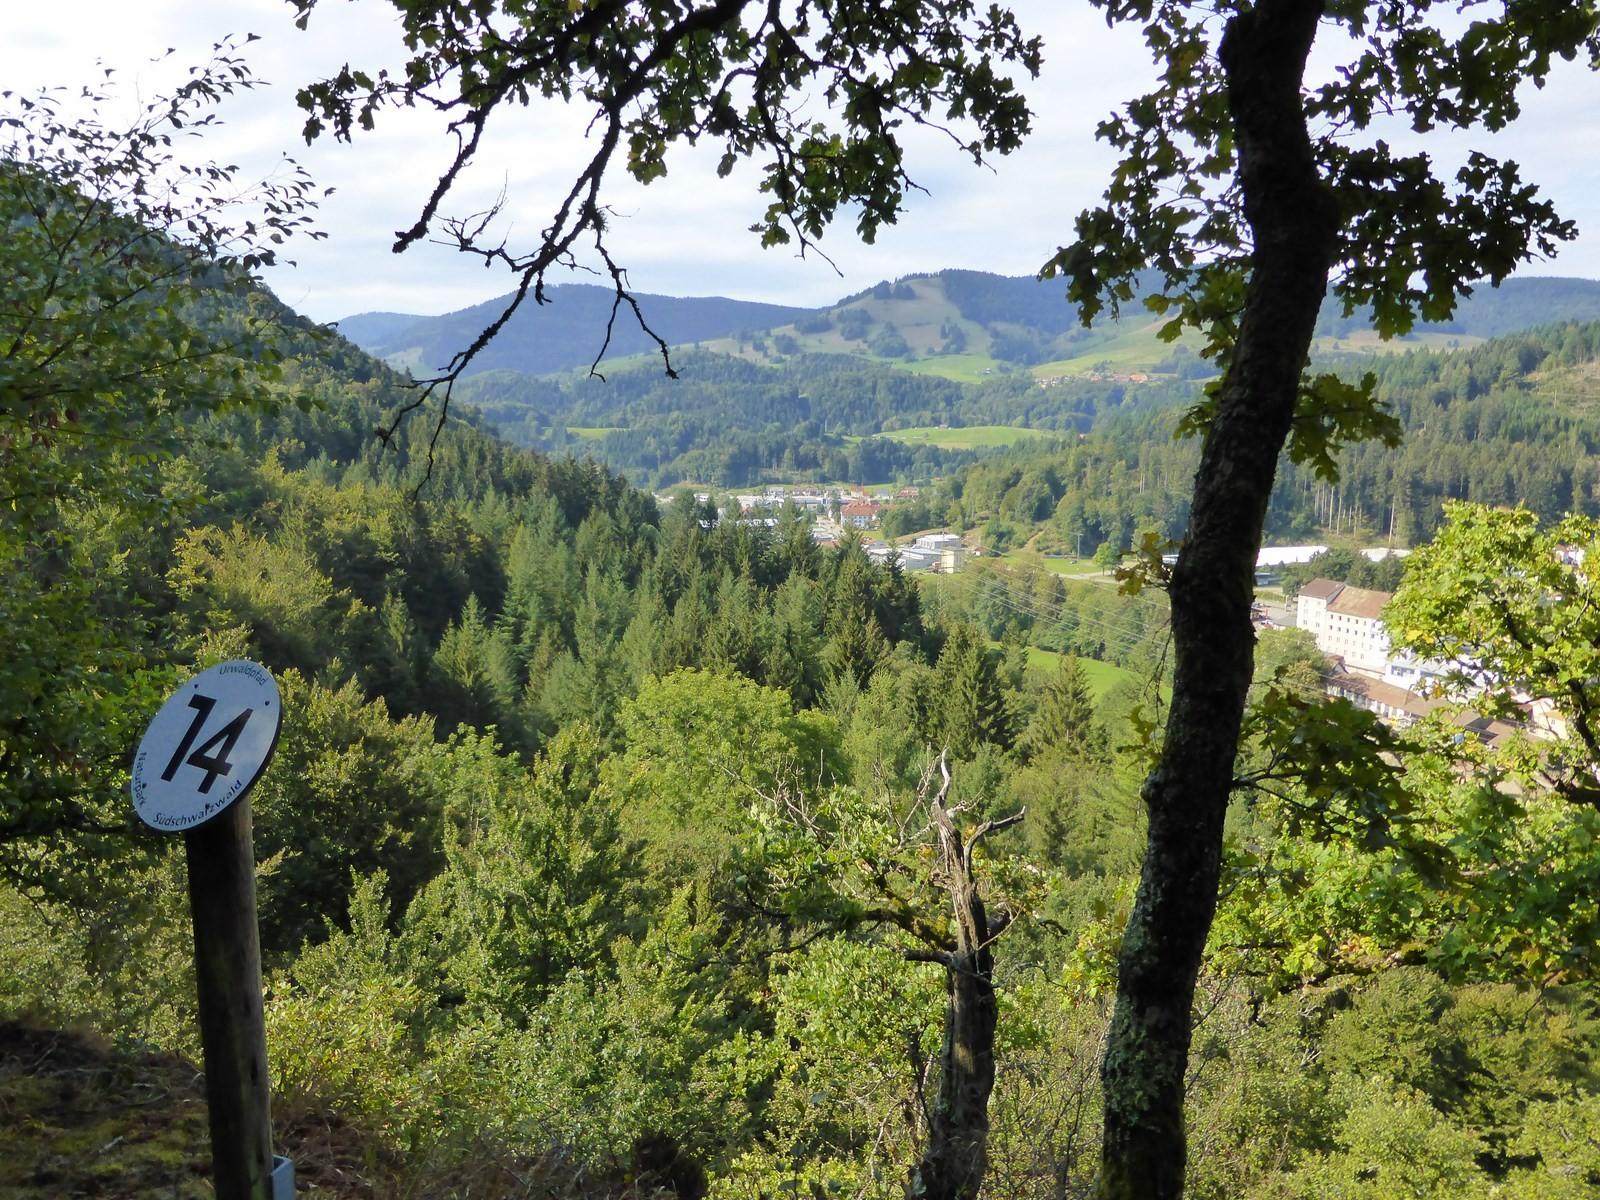 Anstieg auf dem Urwaldpfad © Hartmut Hermanns